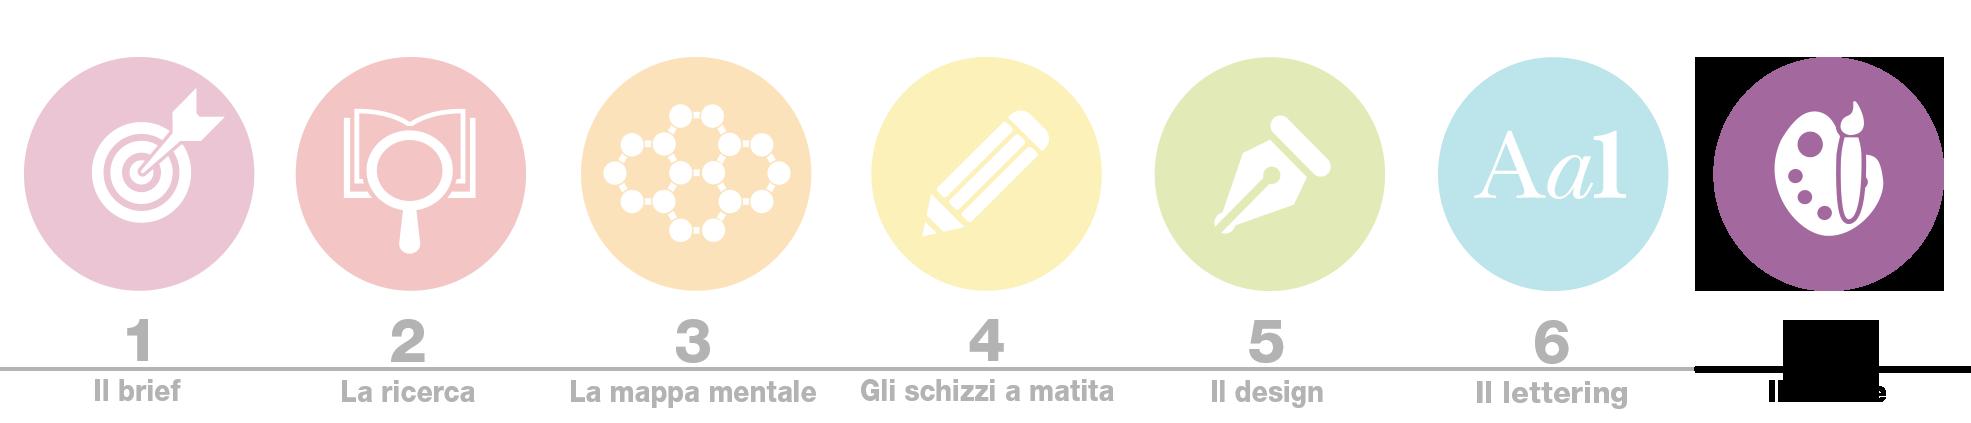 Biancolapis Design. Crea un logo brillante icone 6. Lettering per un logo